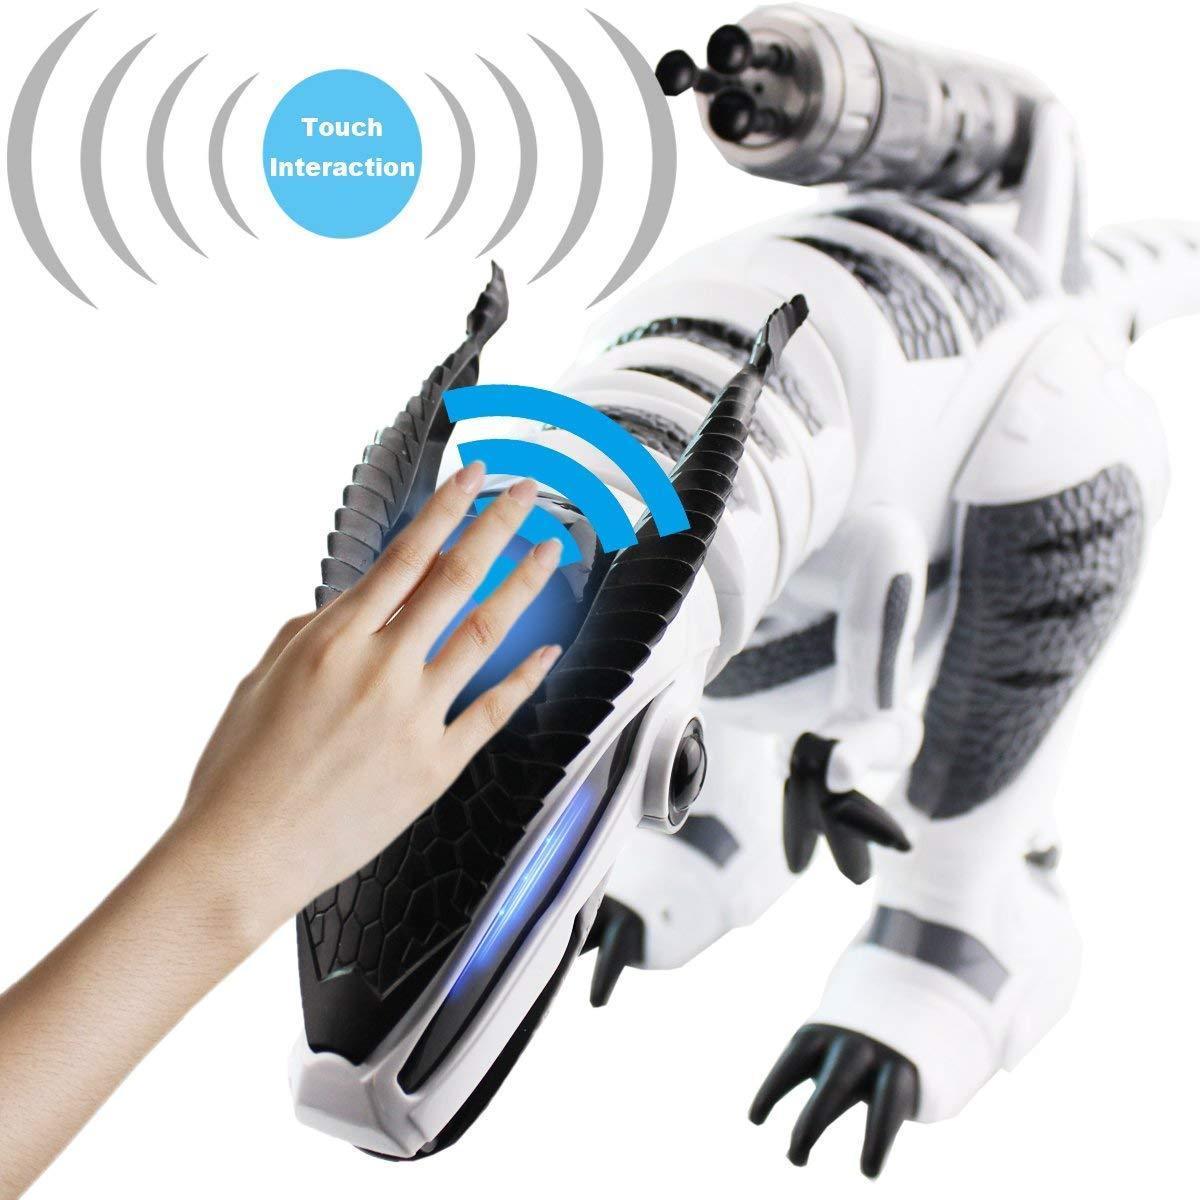 RC Robot dinosaure Intelligent interactif Intelligent marche danse chantant électronique animaux éducation enfants jouets